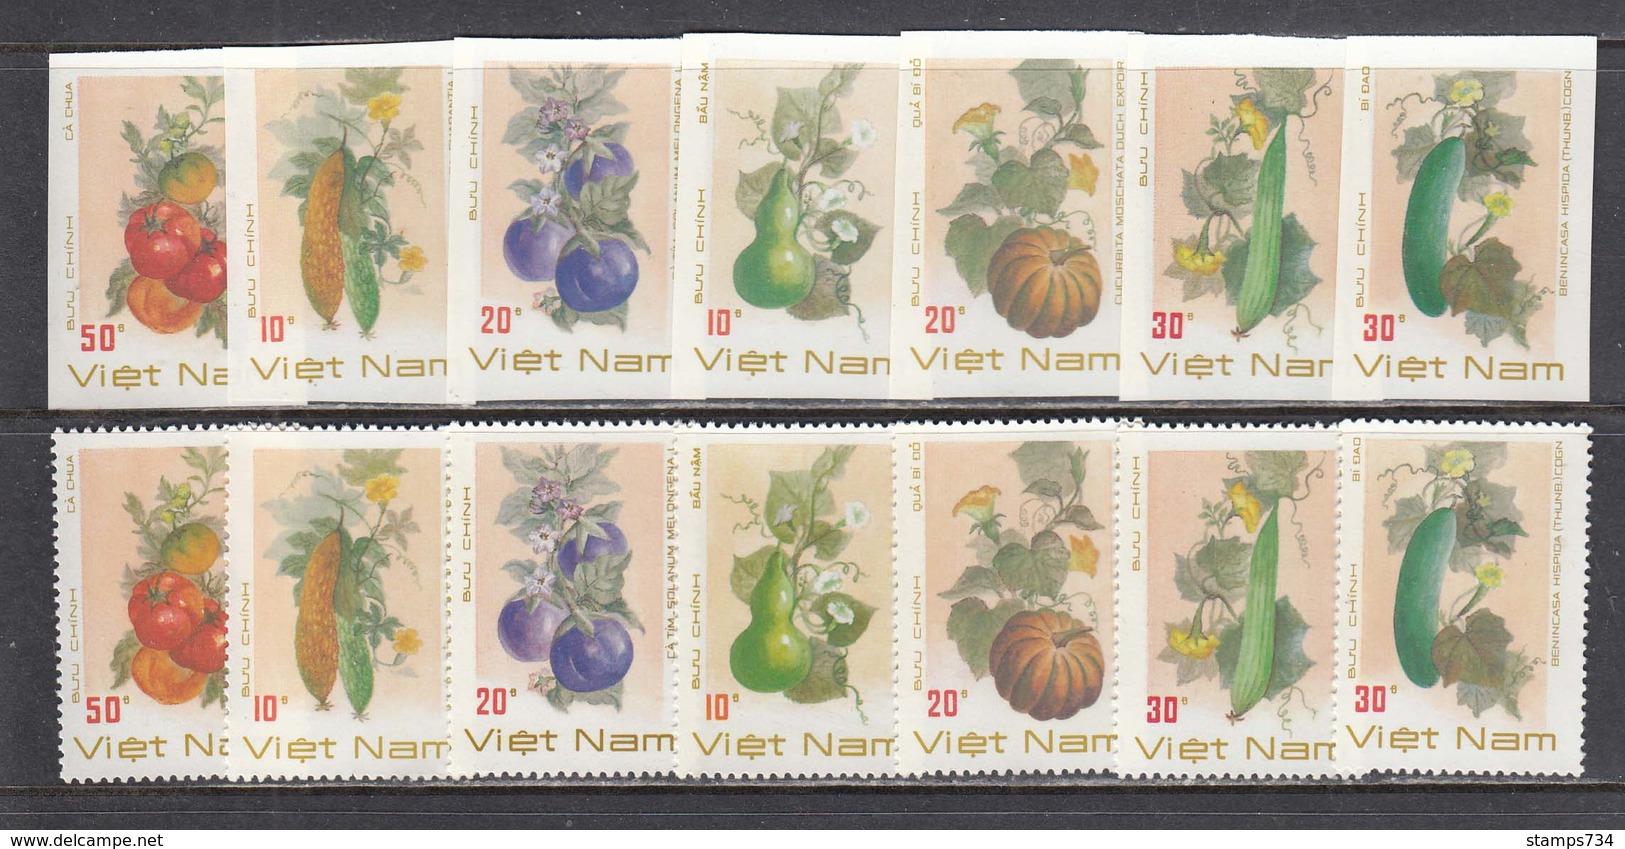 Vietnam 1988 - Fruits Et Legumes, Mi-Nr. 1974/80, Dent.+non Dent., MNH** - Vietnam